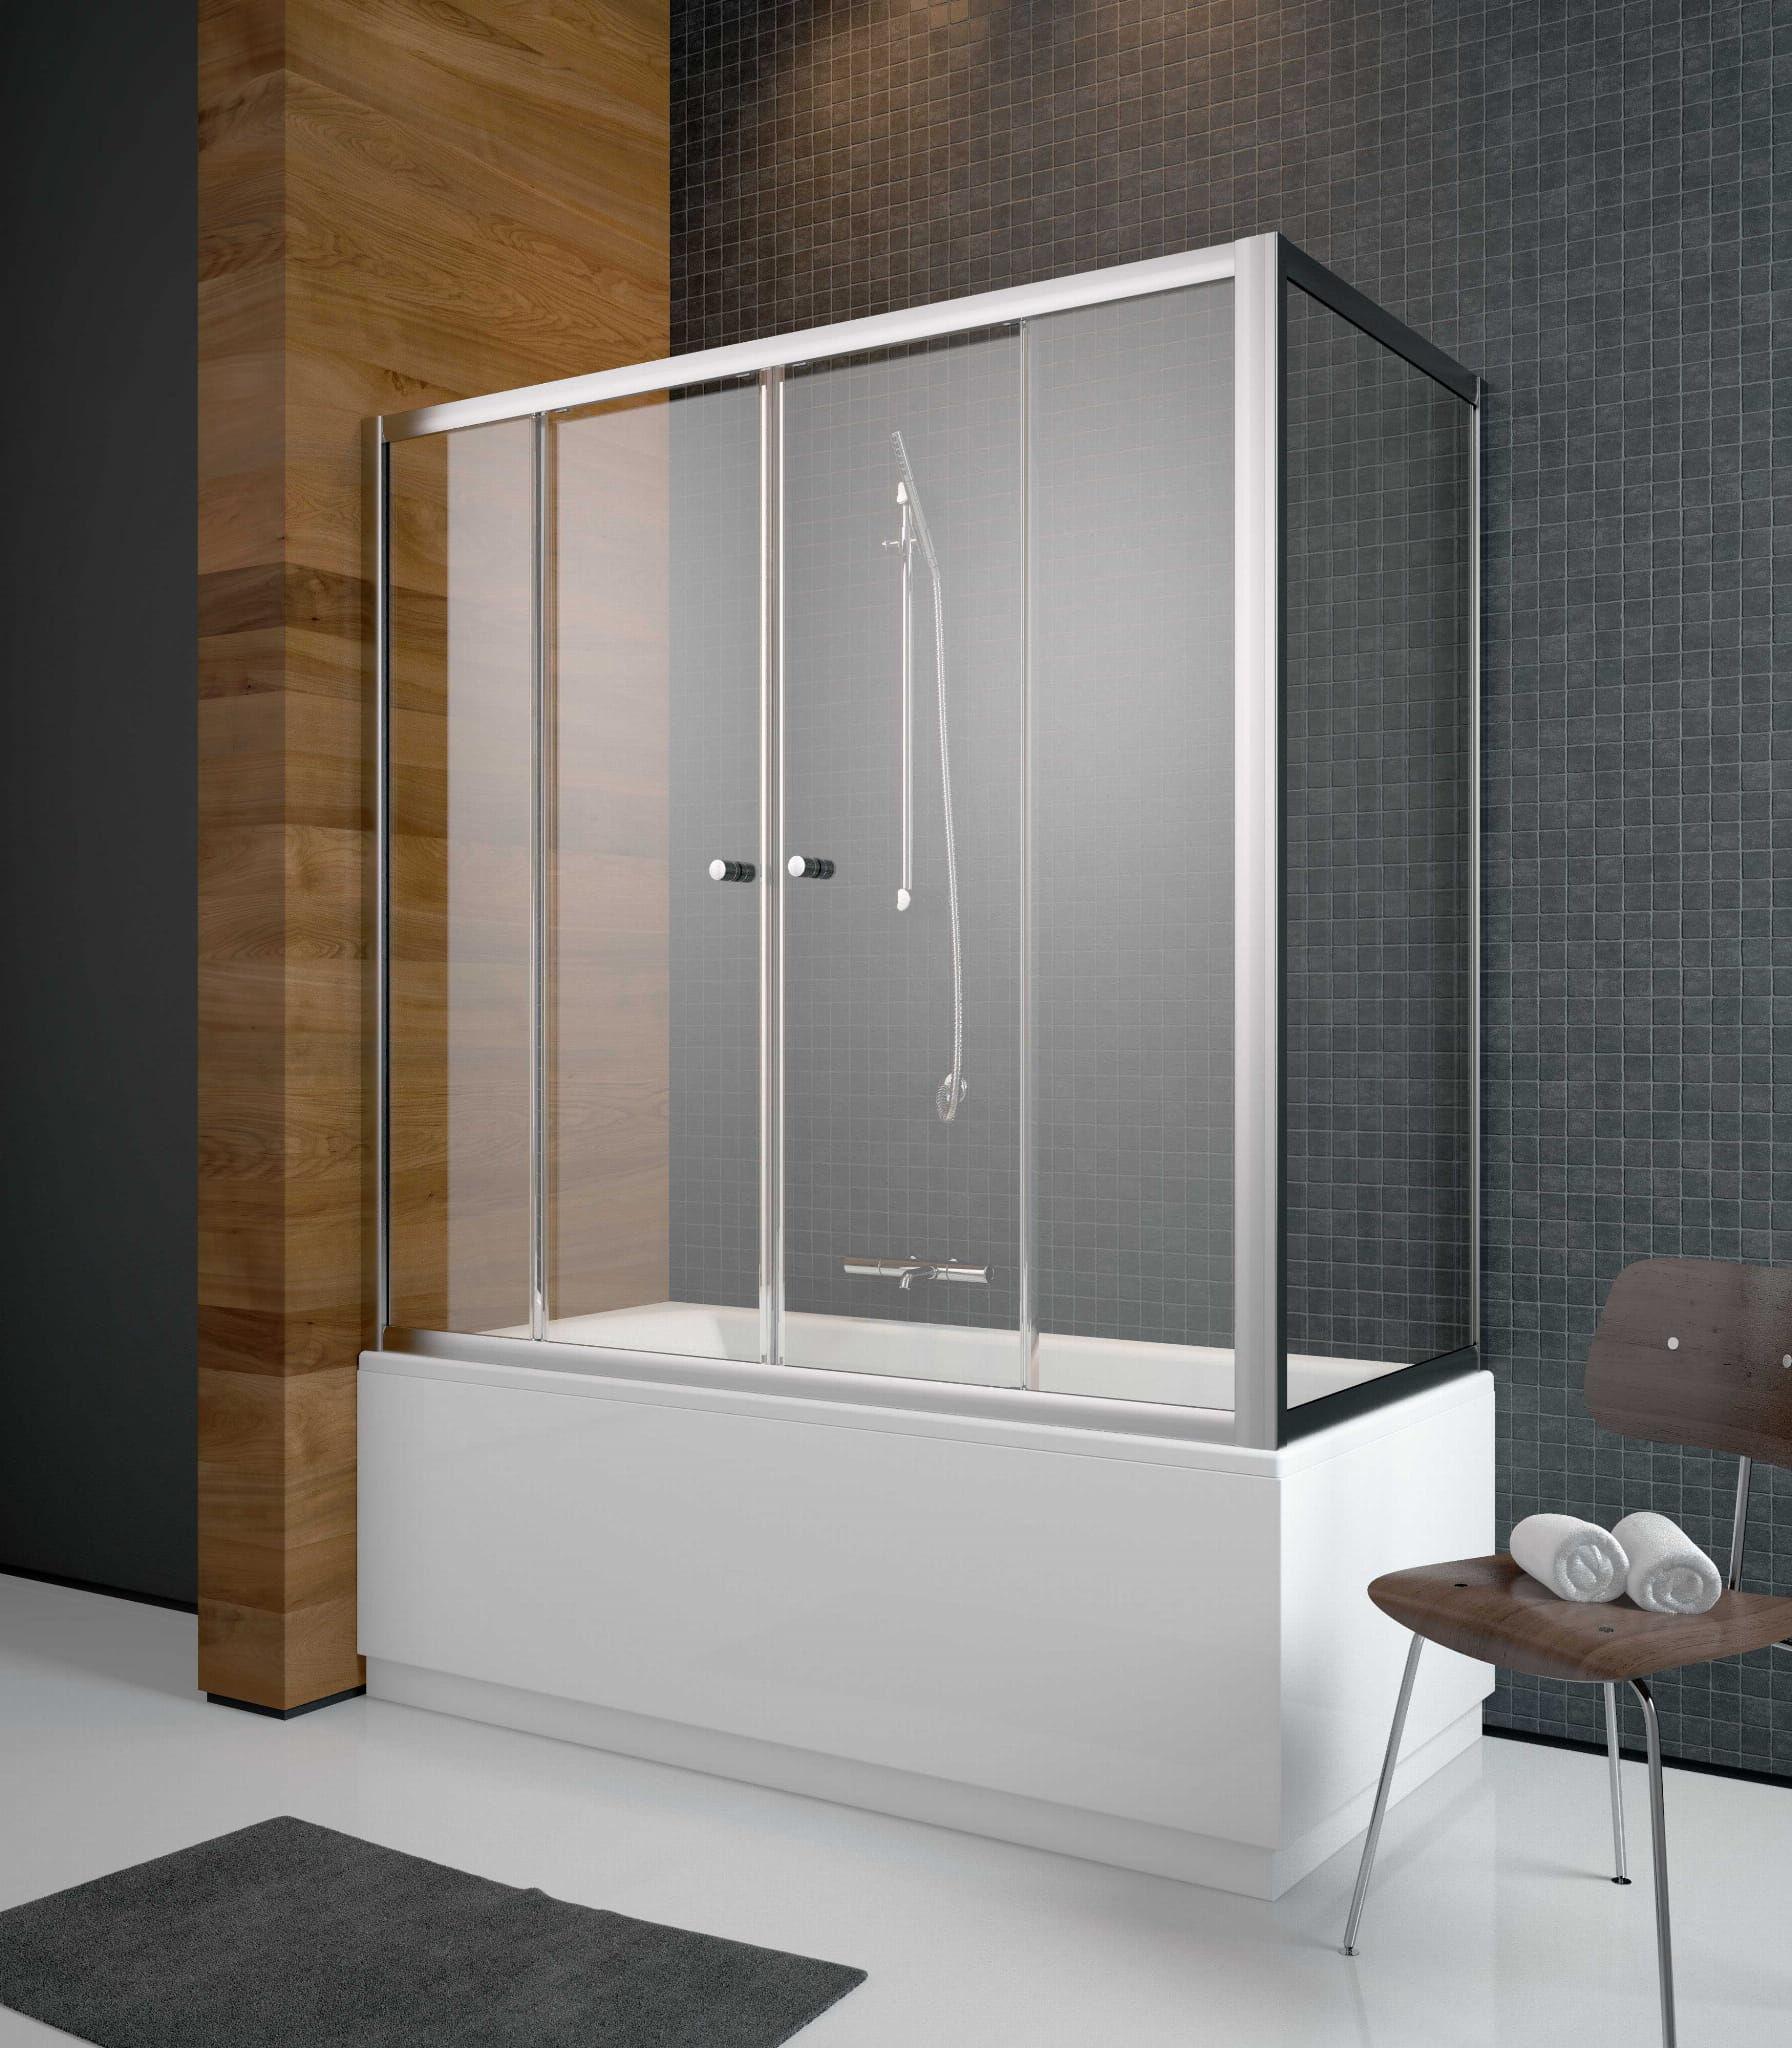 Radaway zabudowa nawannowa Vesta DWD+S 160 x 80, szkło przejrzyste, wys. 150 cm 203160-01/204080-01